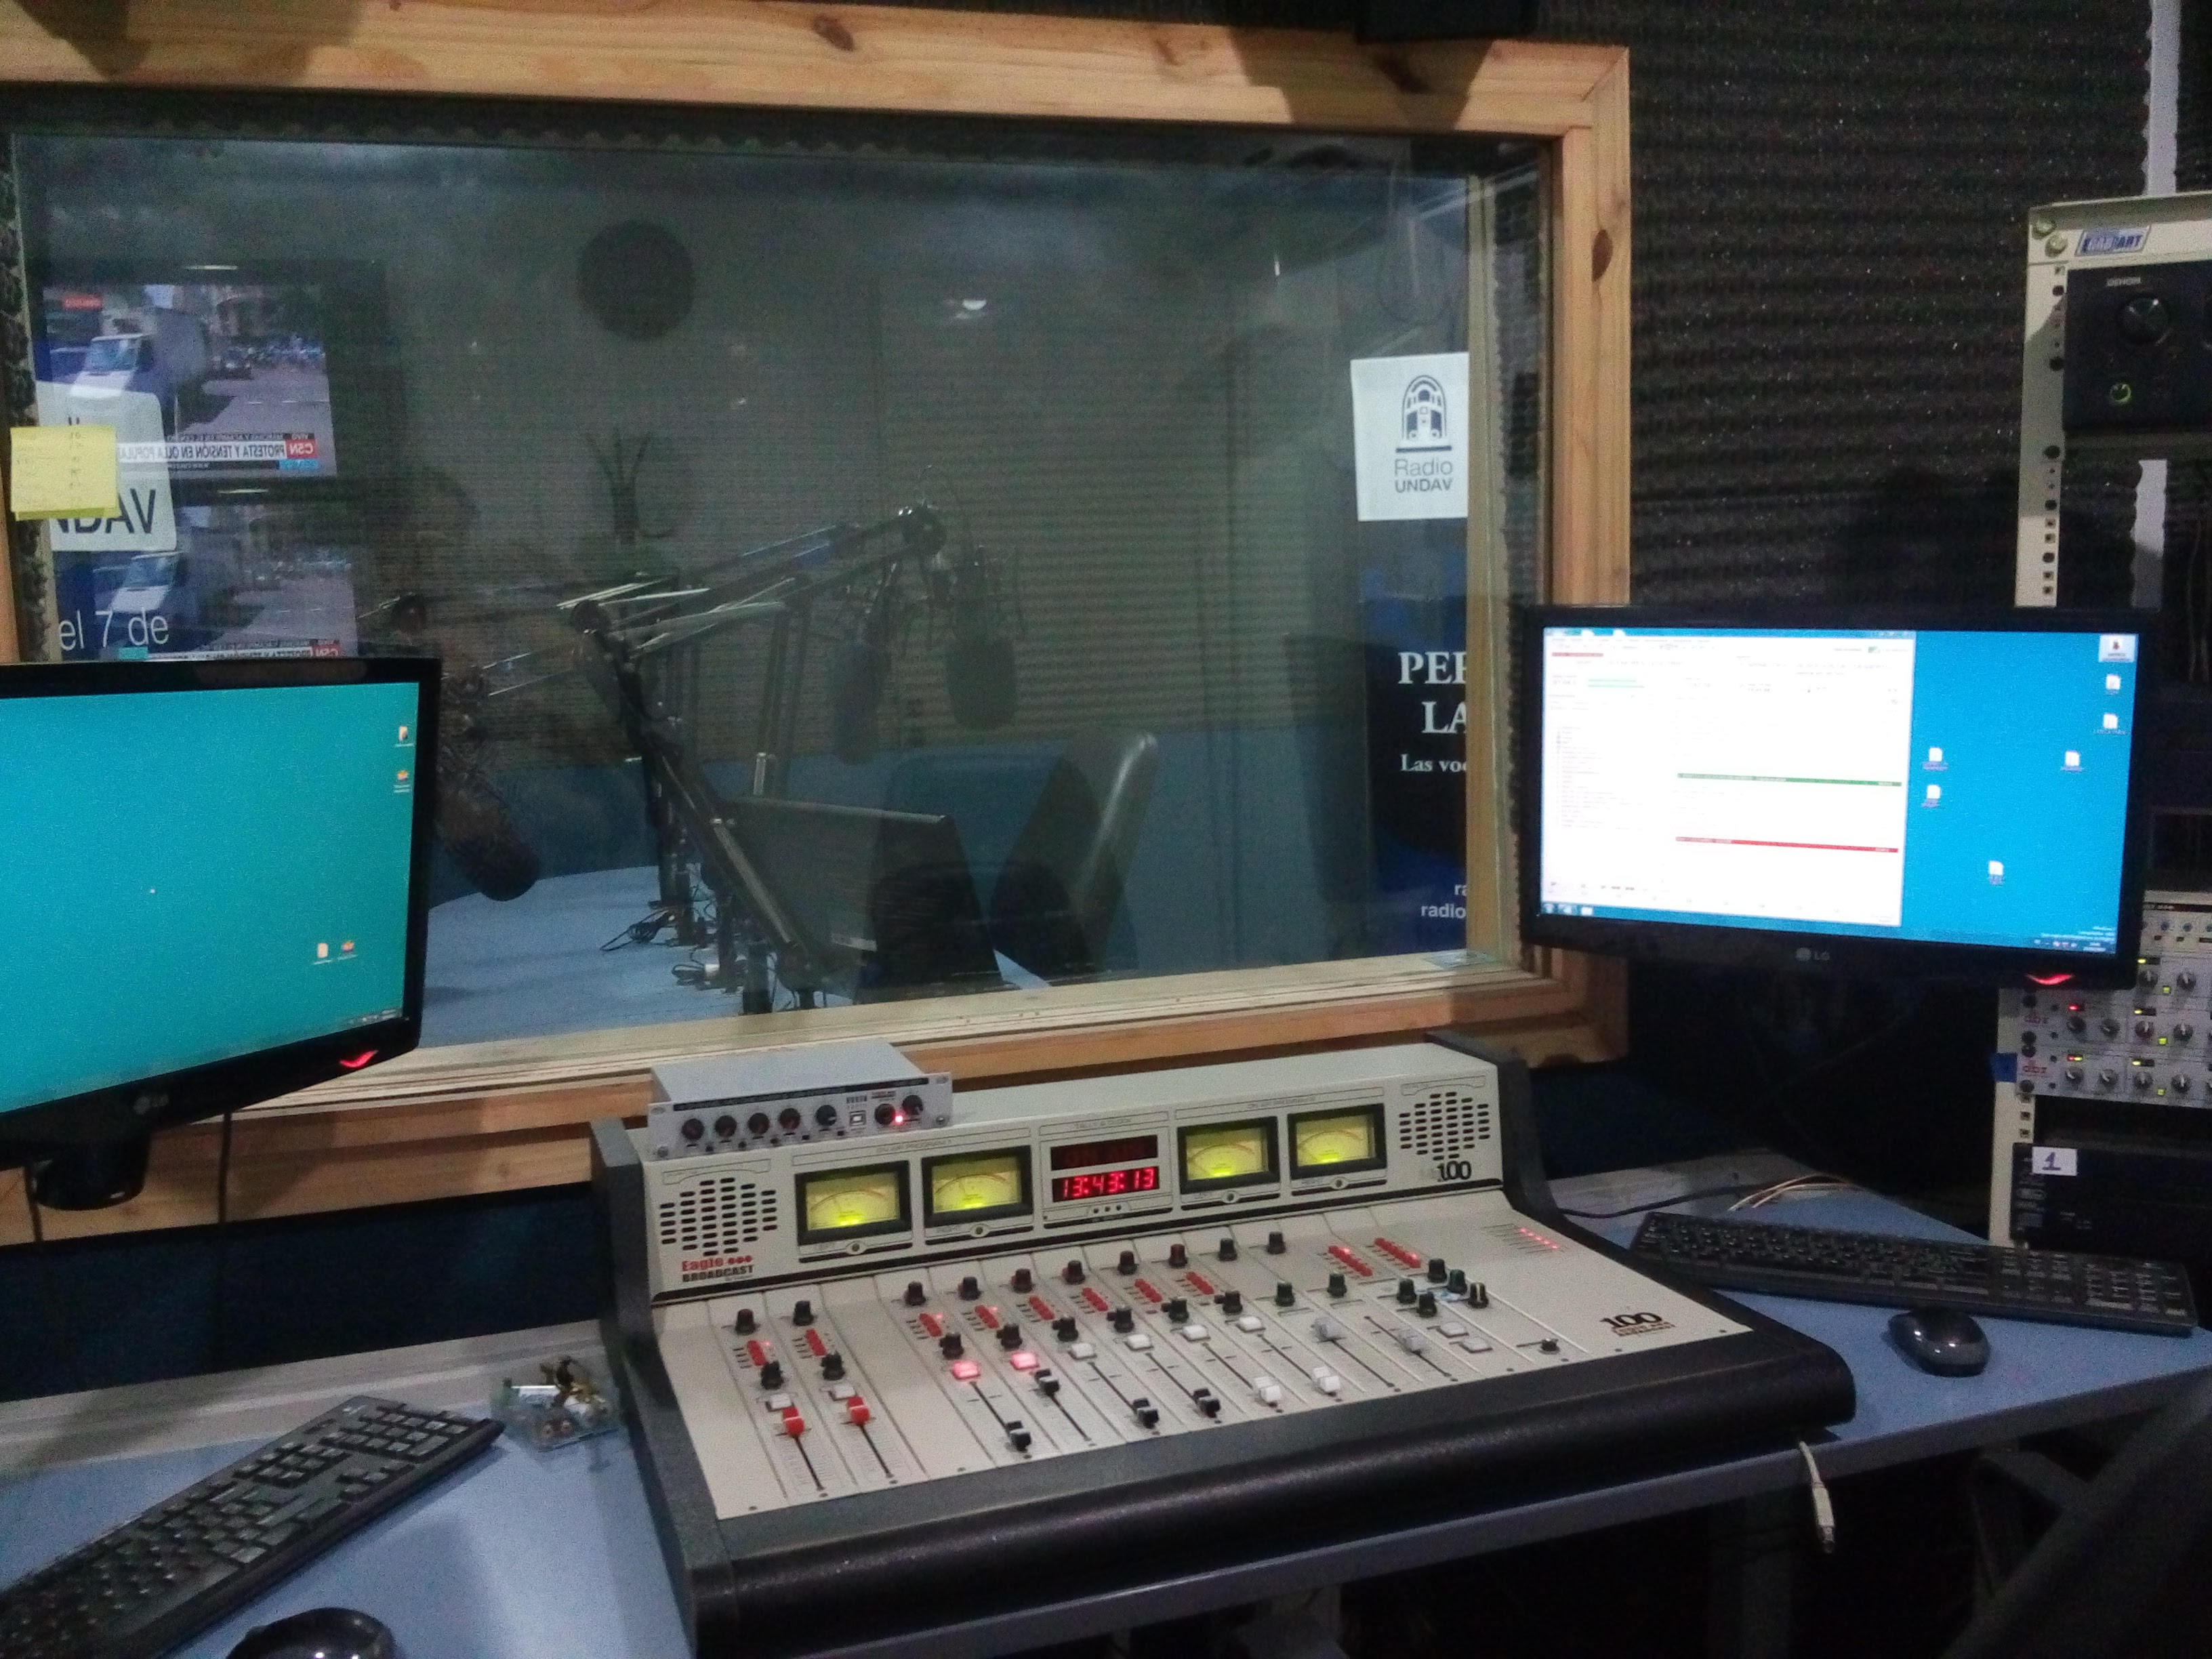 Radio Undav 4 - Radio Undav